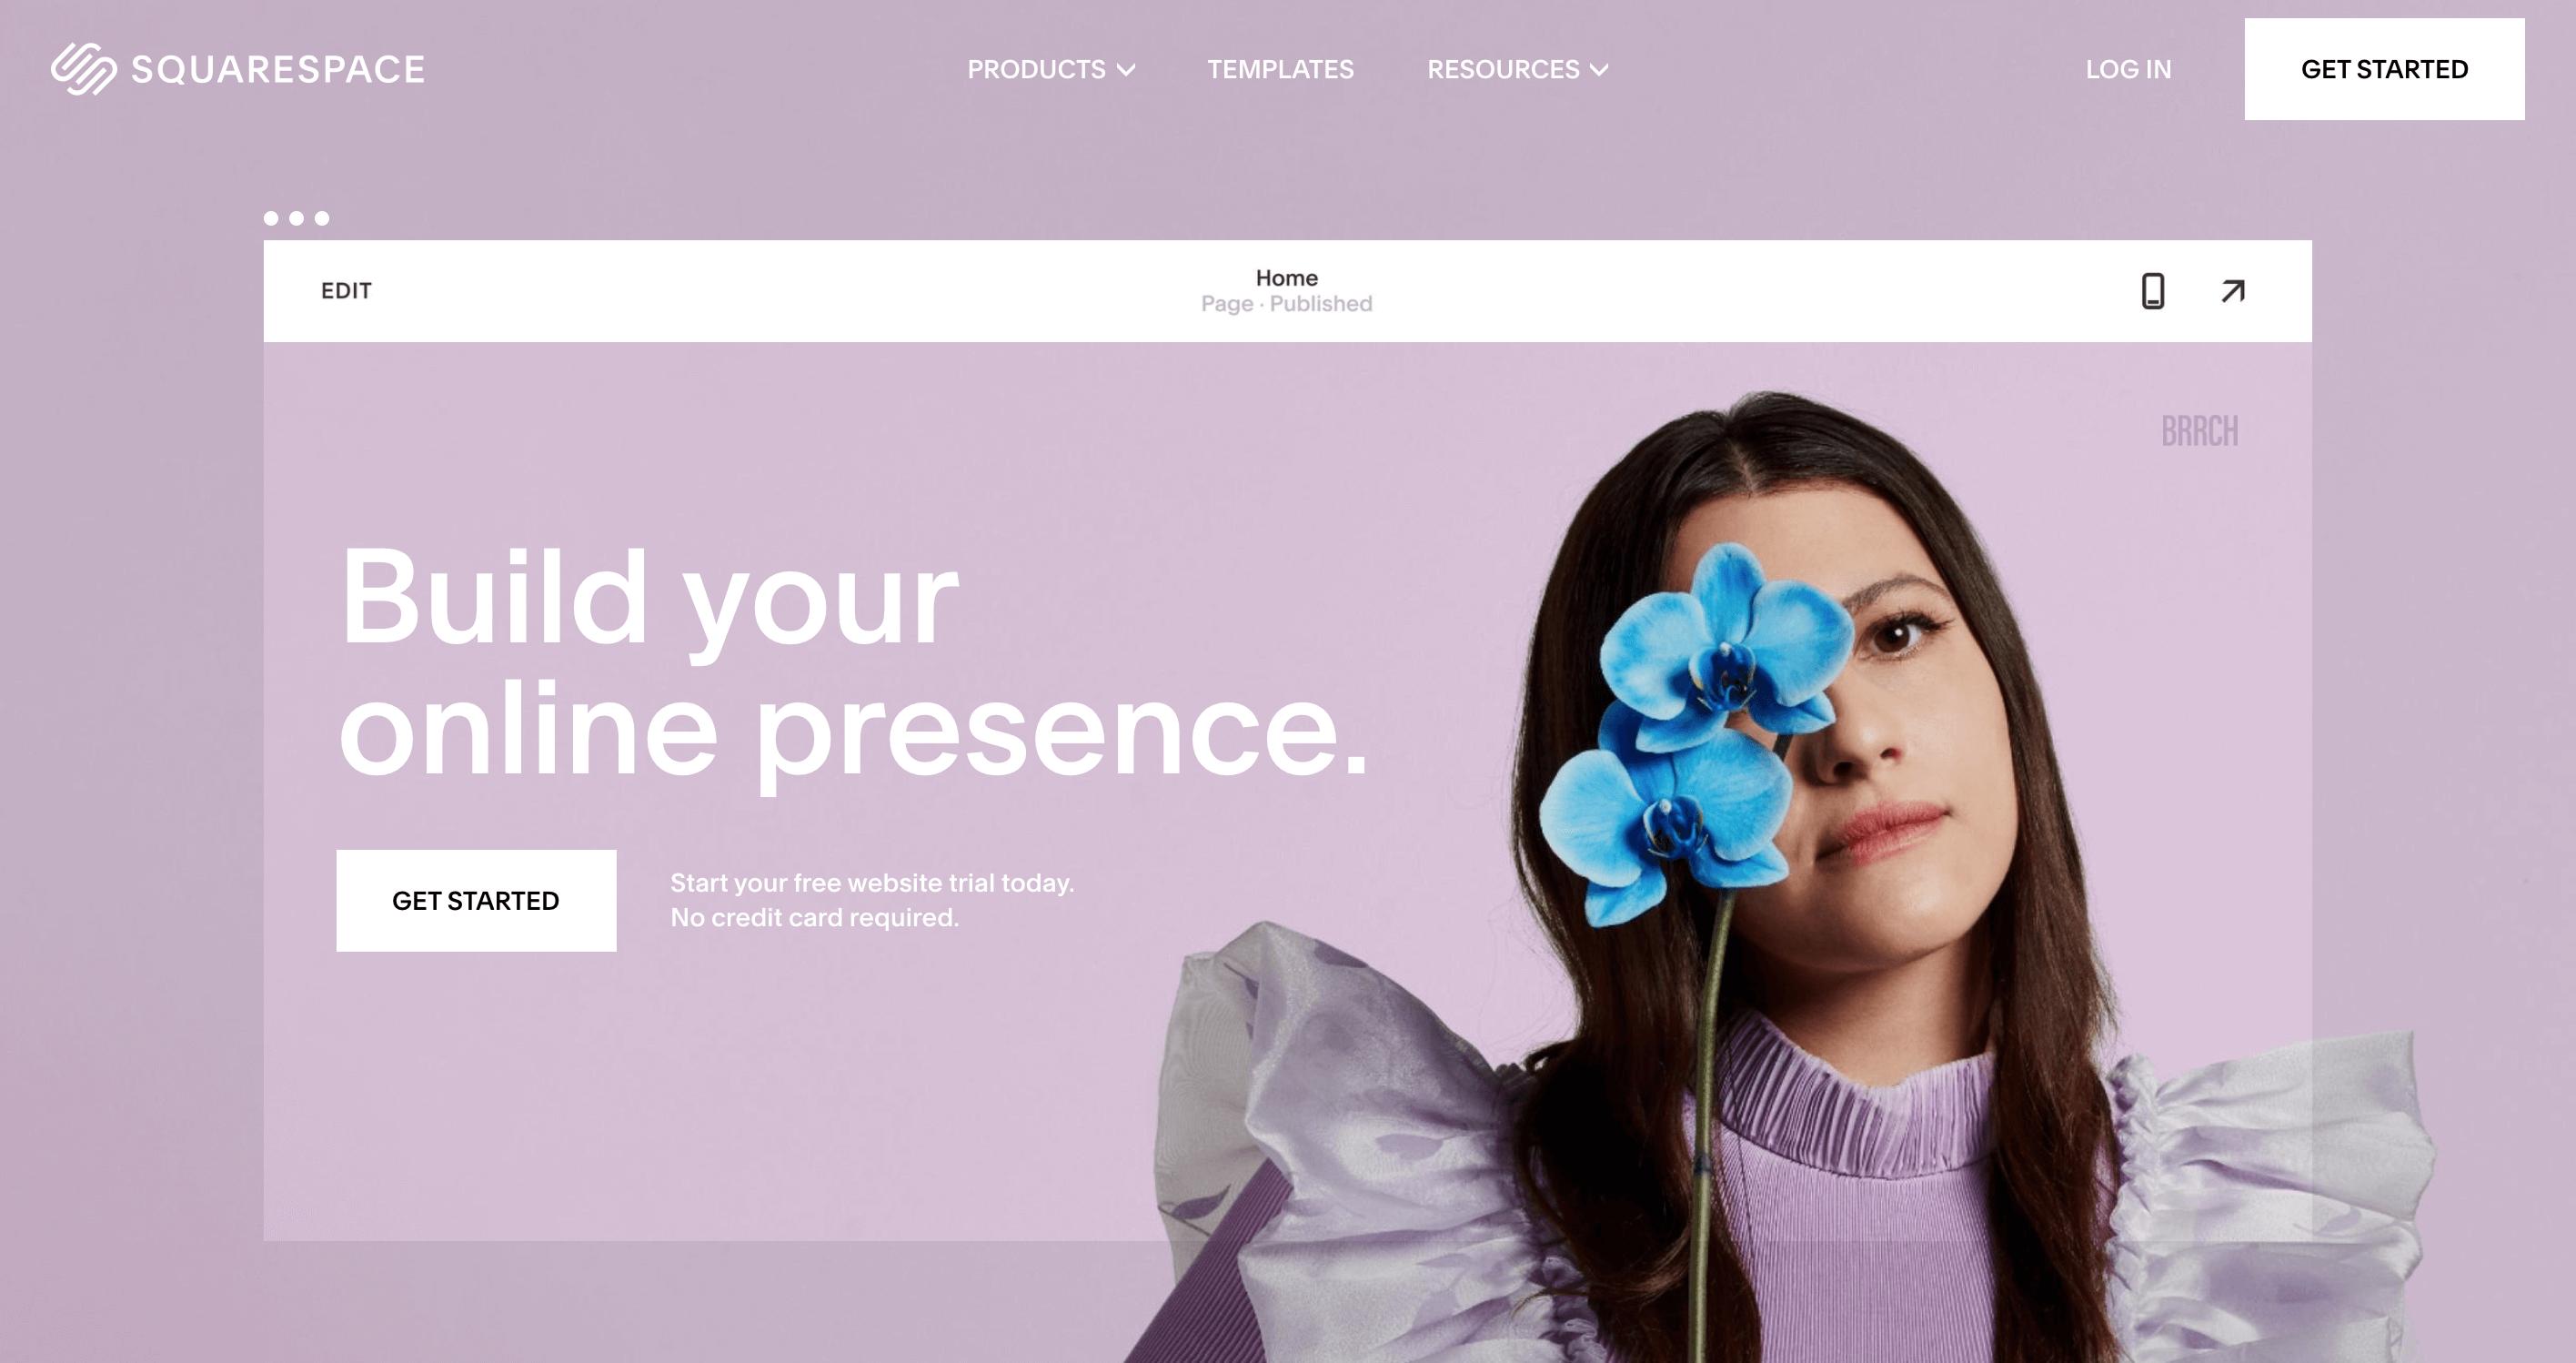 Squarespace paid ecommerce platform